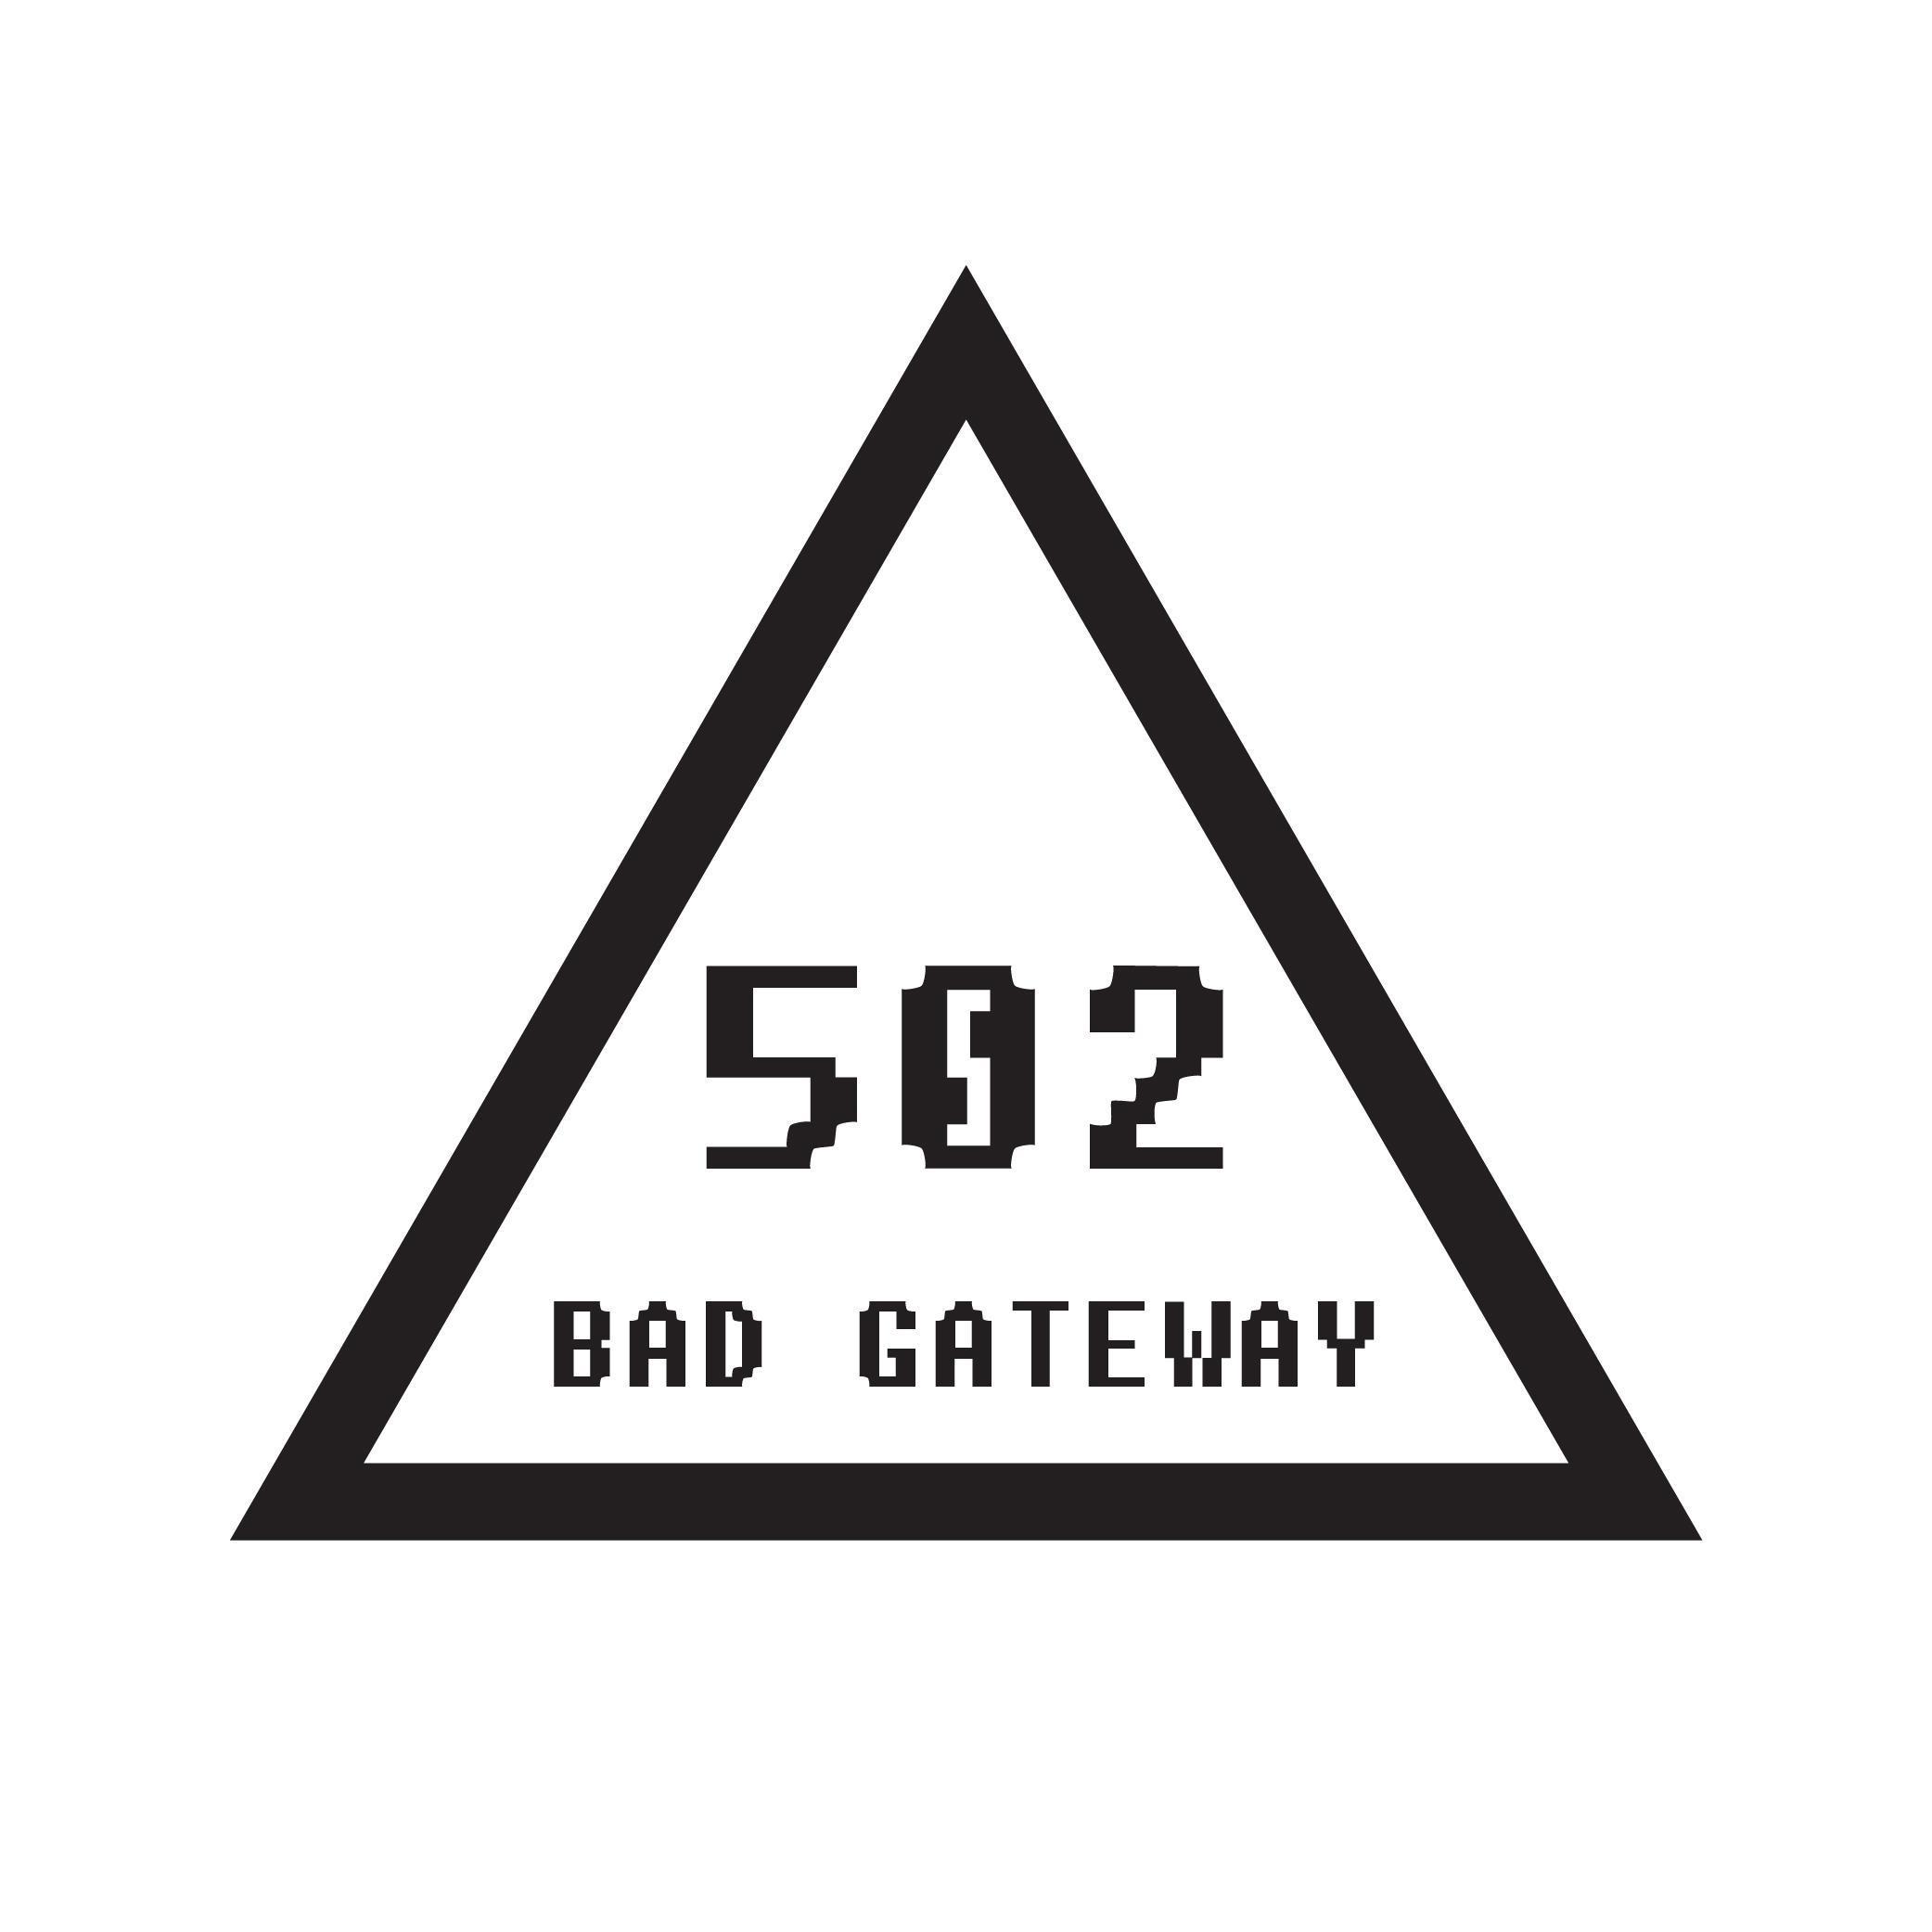 502 bad gateway - что это